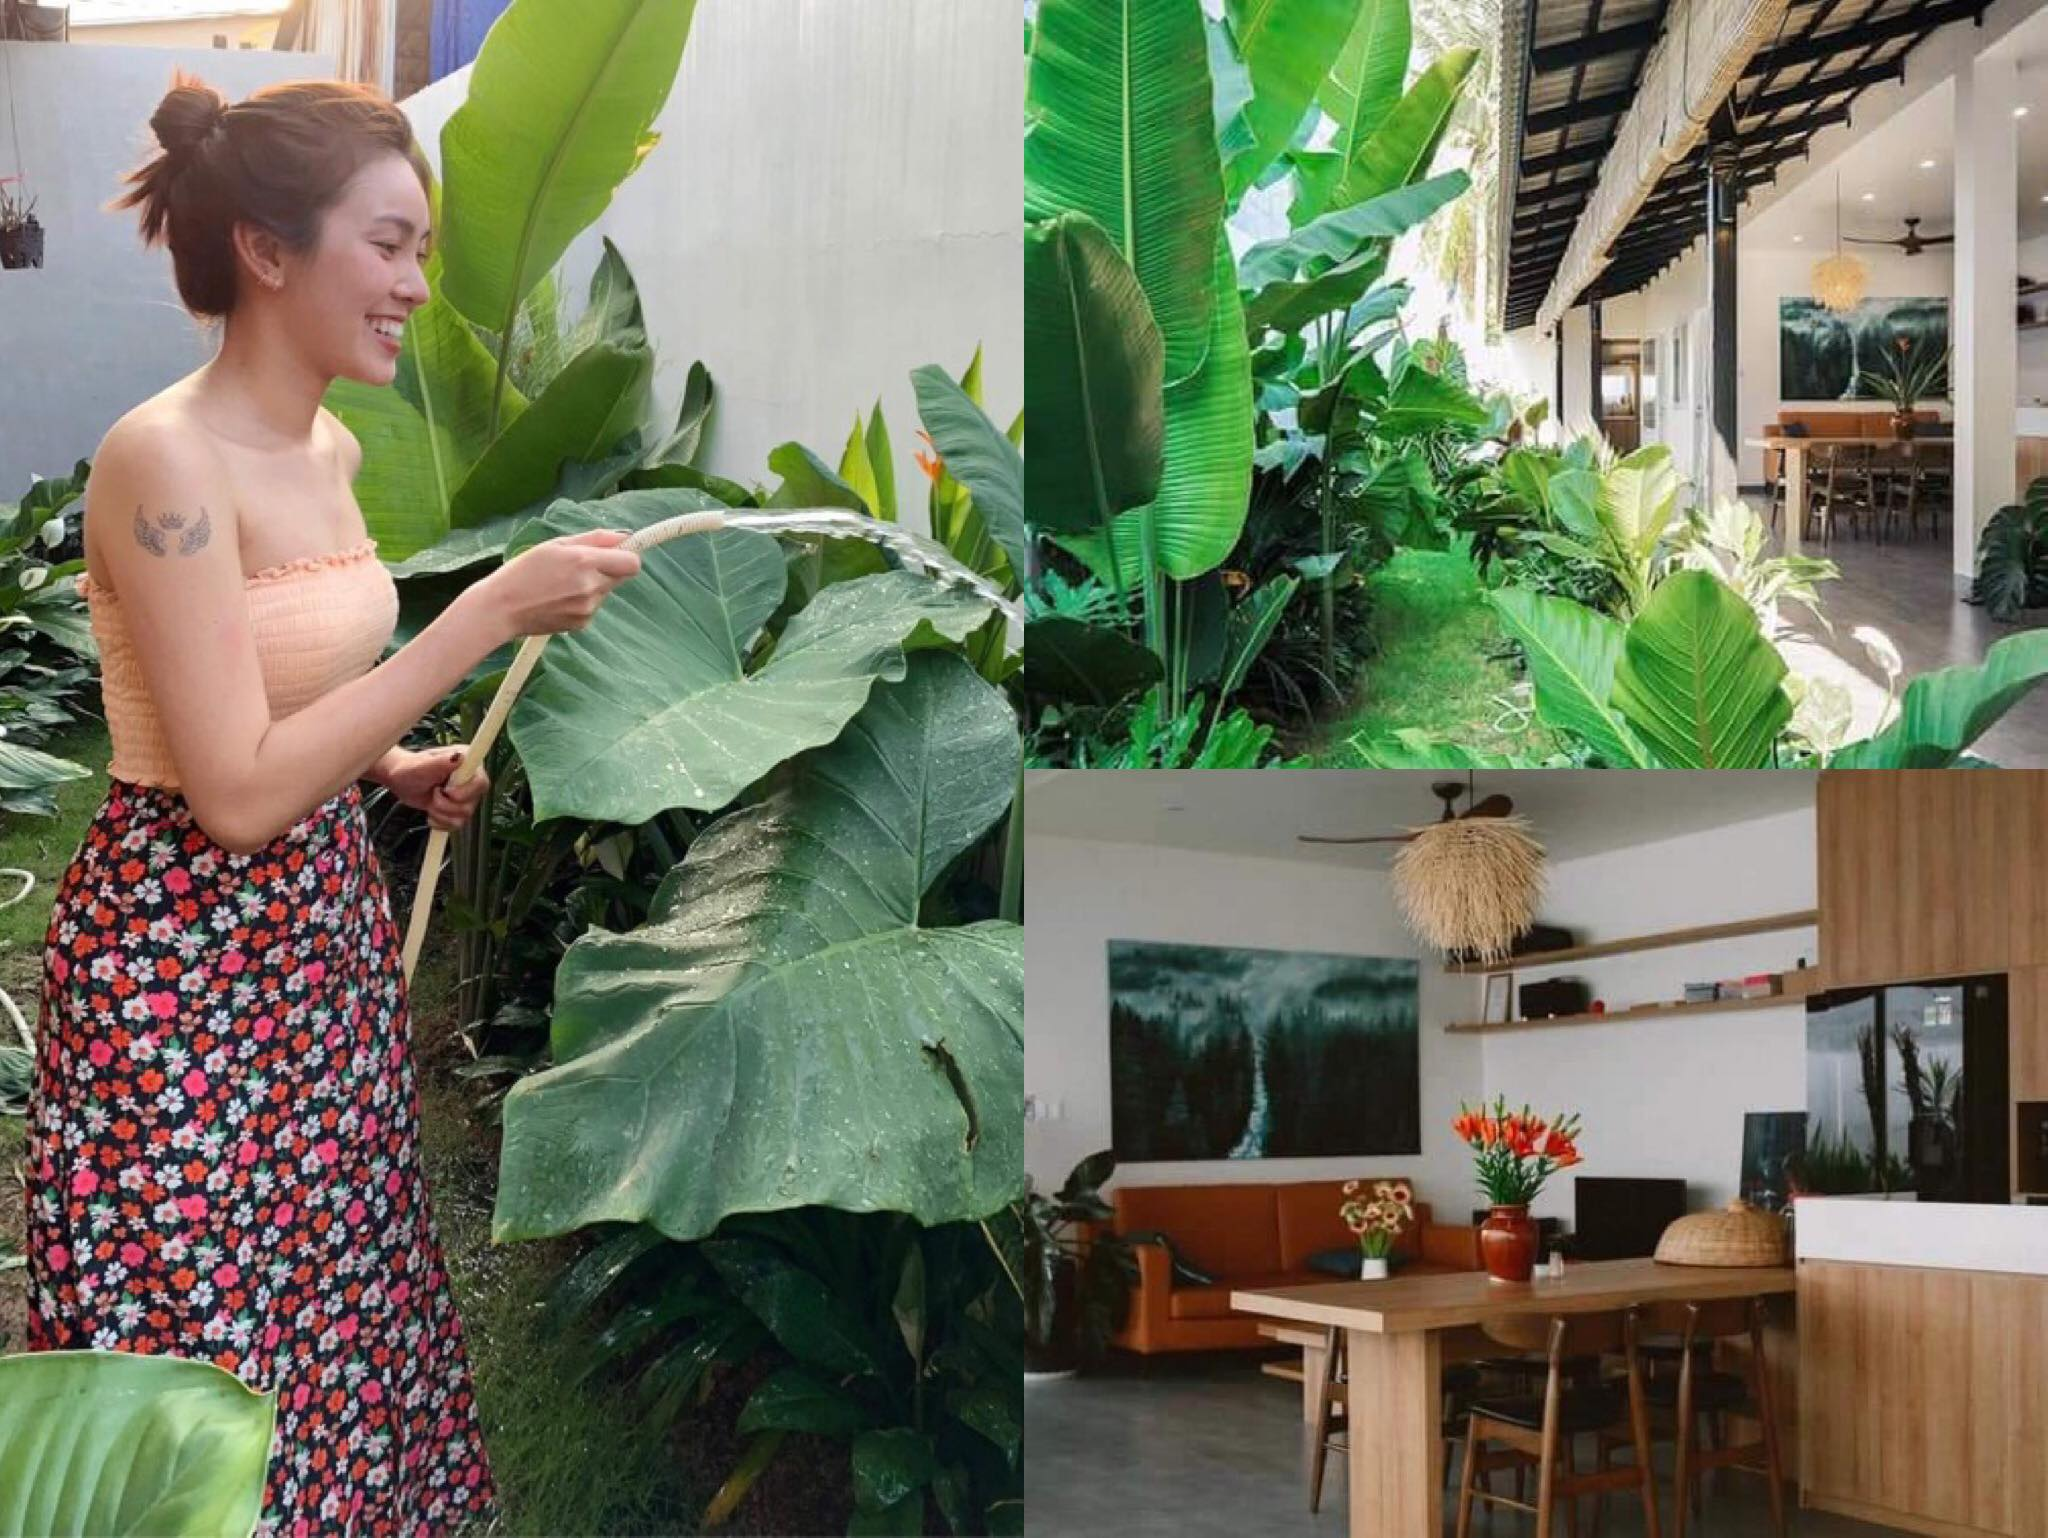 Chống dịch tại gia, gái đẹp quyết định về quê 'tút tát' lại ngôi nhà cho bố mẹ đẹp như resort nghỉ dưỡng